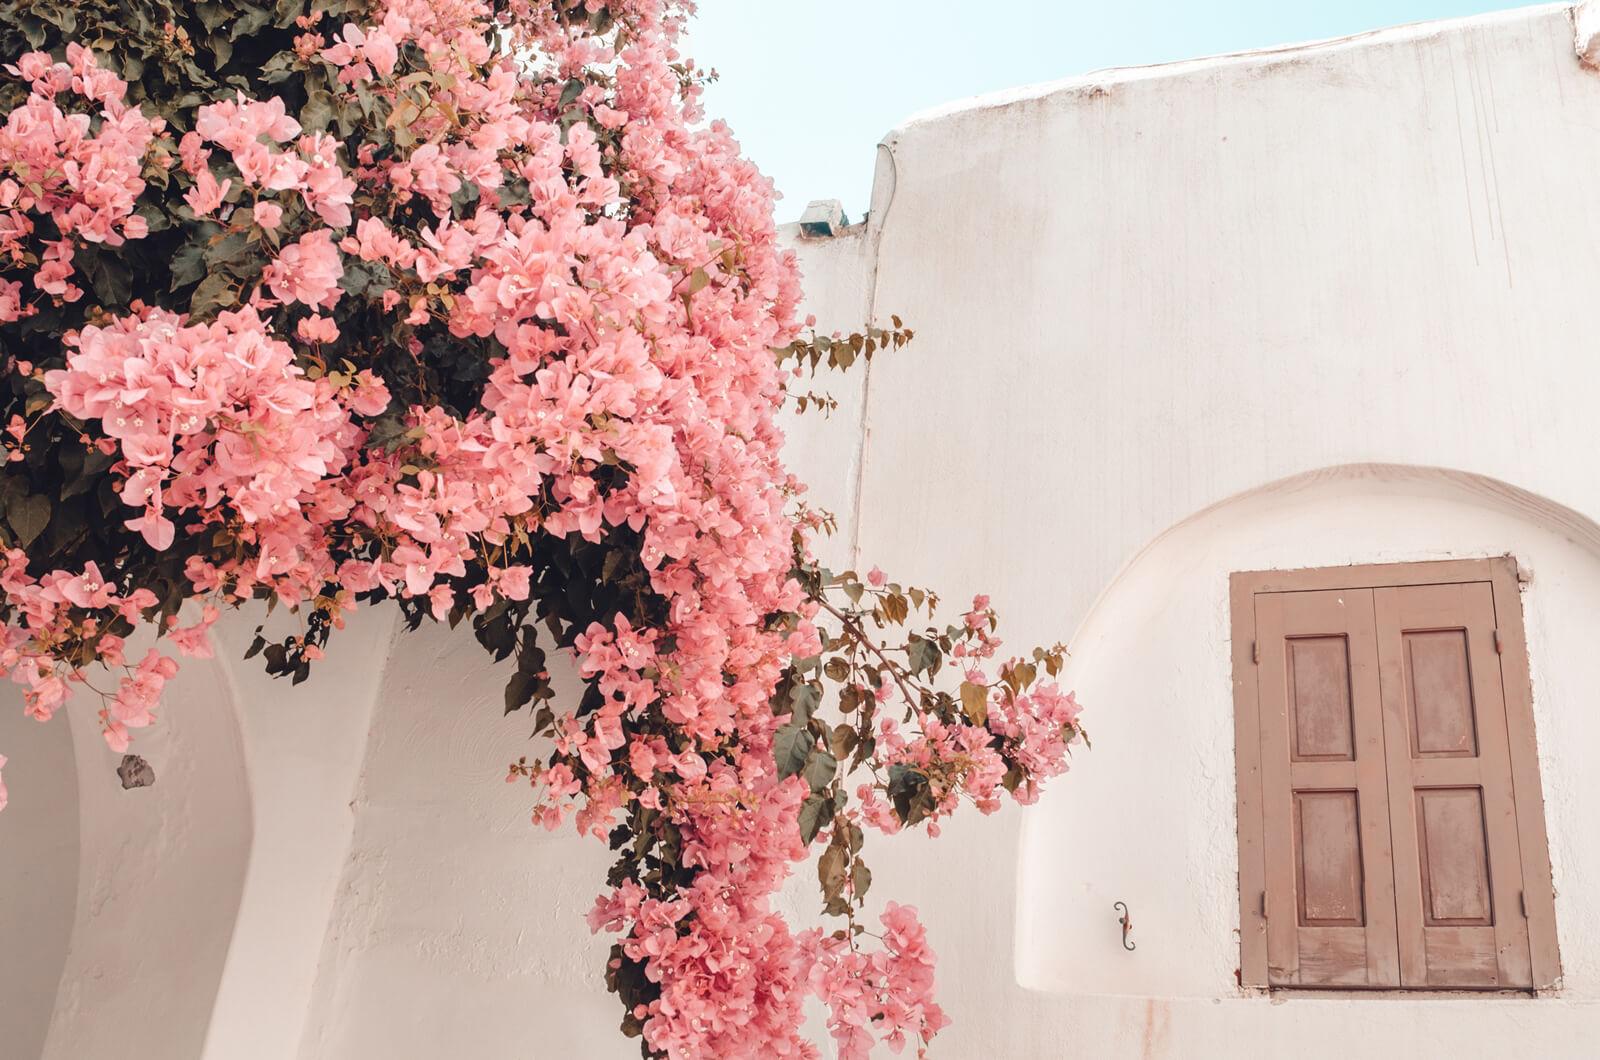 paros-cyclades-greece-la-vie-en-blog-all-rights-reserved-132